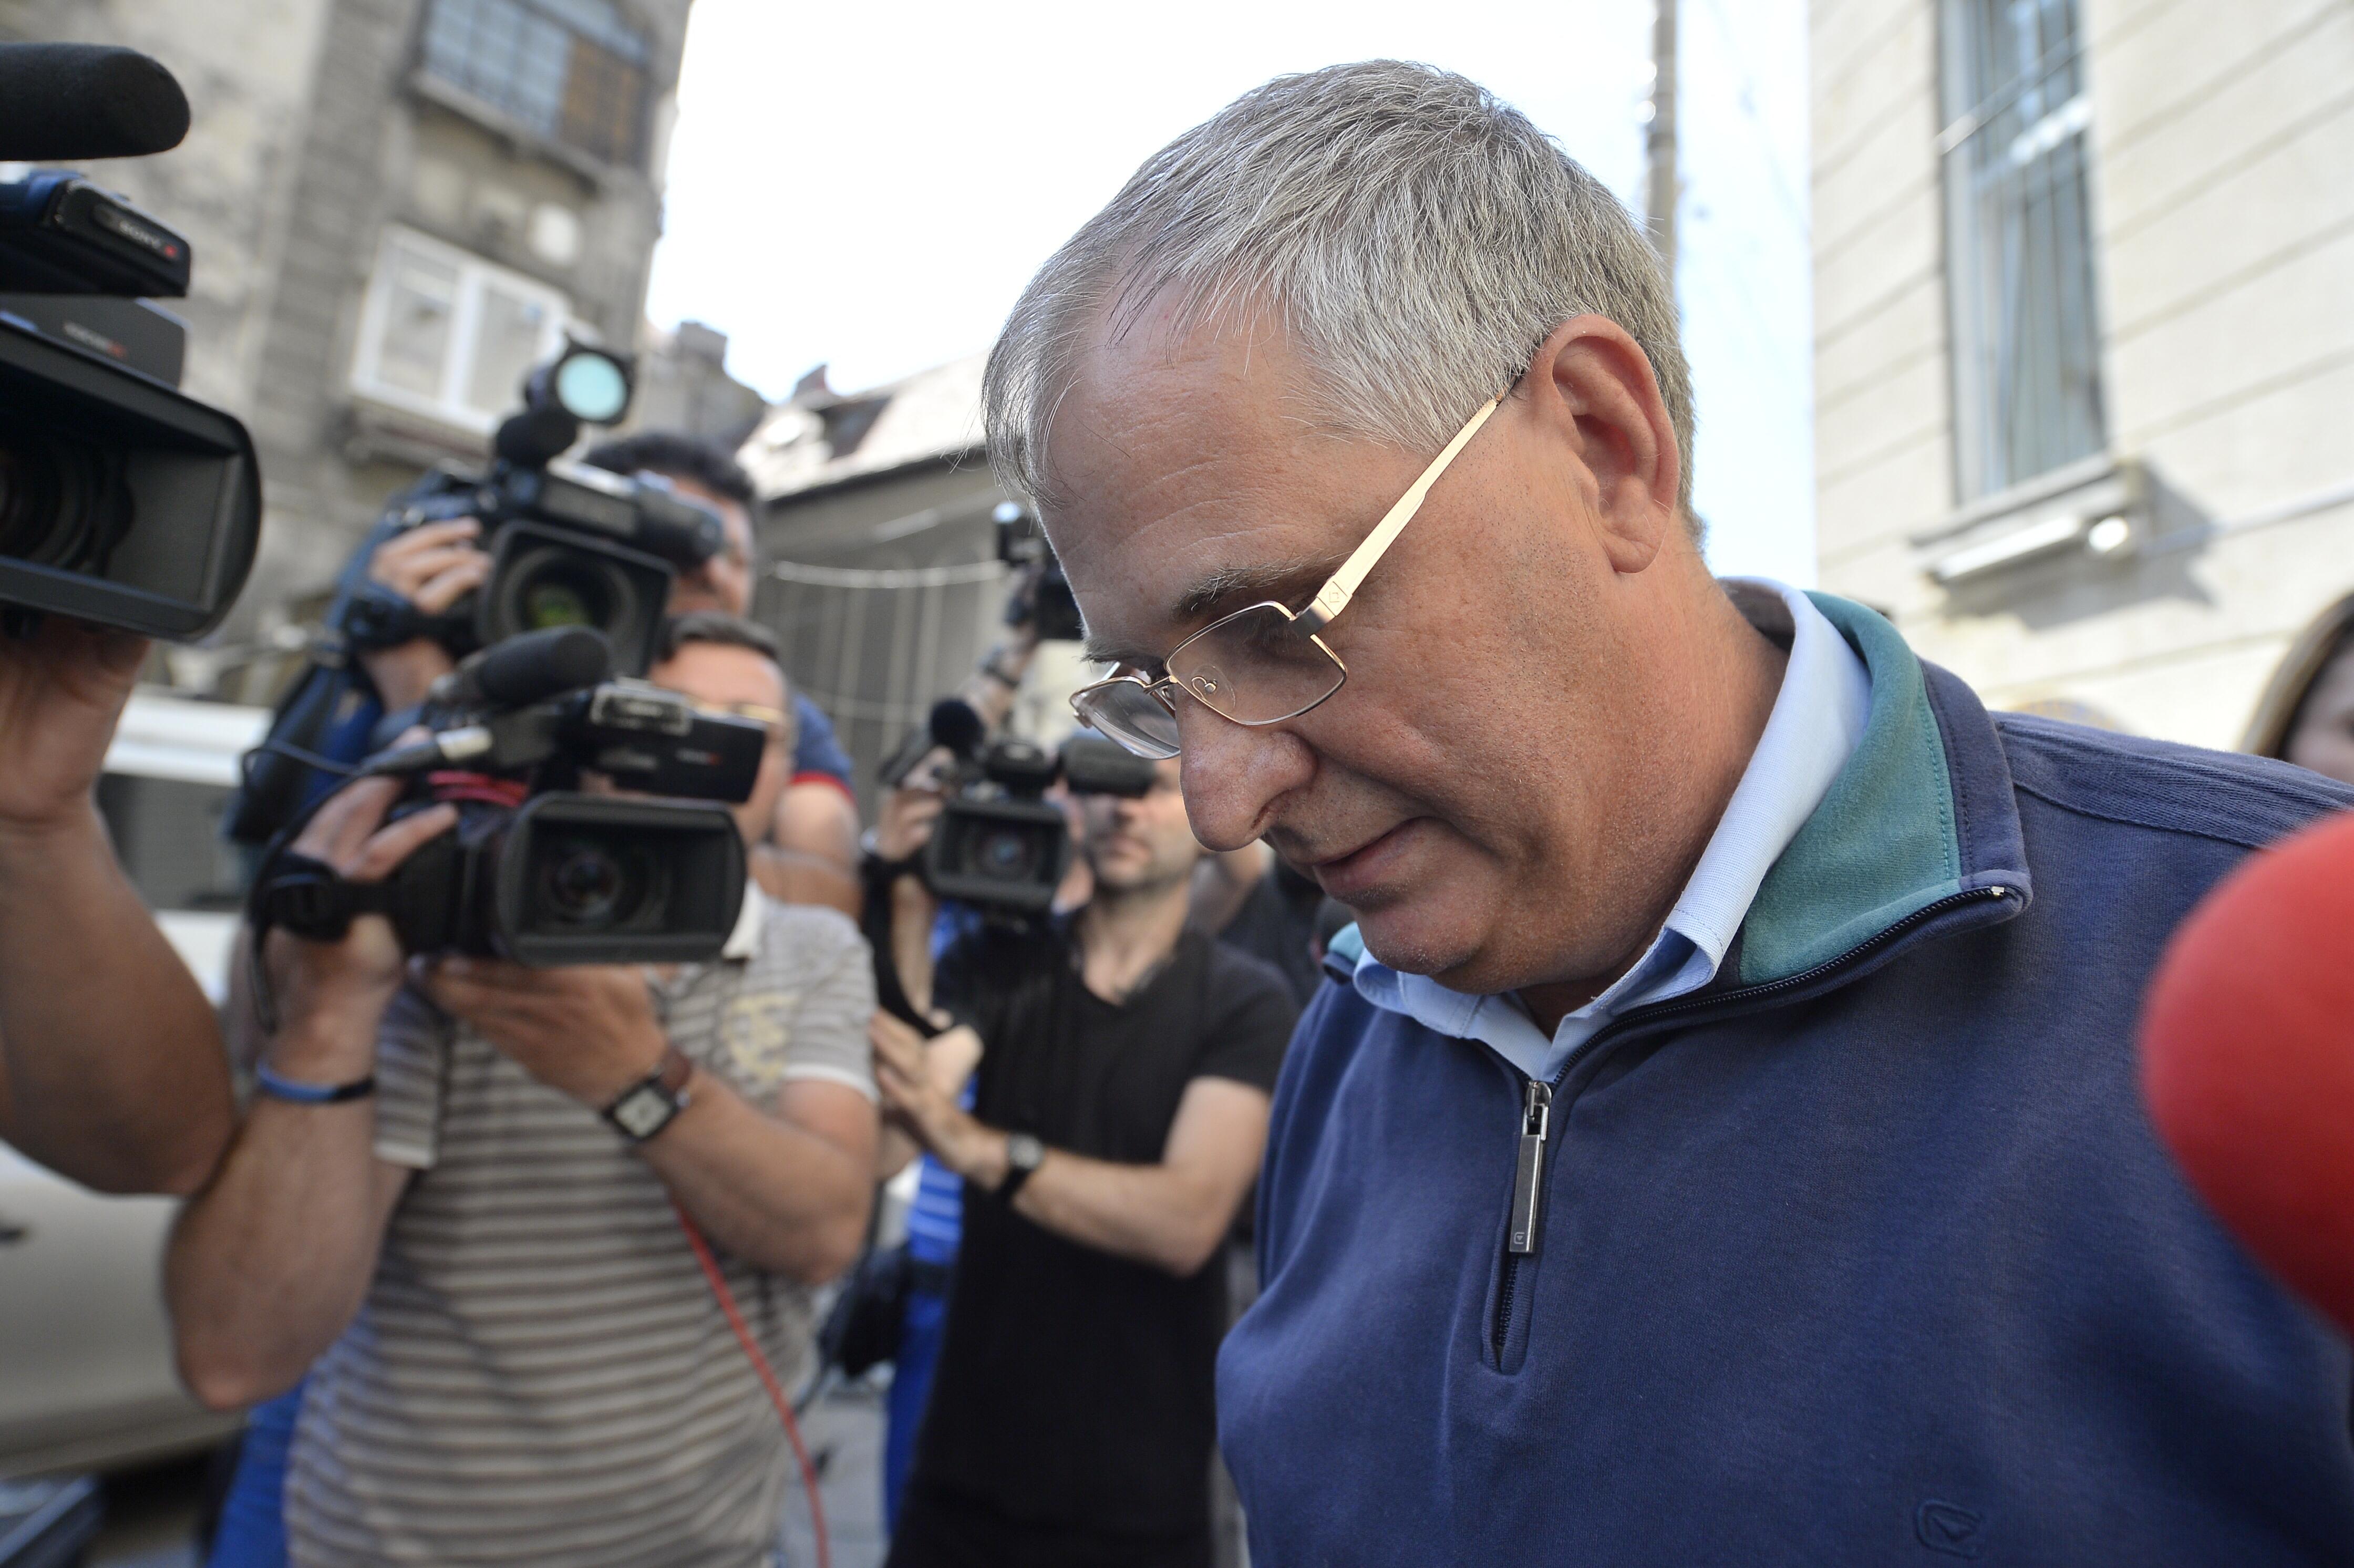 Fostul ministrul al Comunicaţiilor, Valerian Vreme, audiat la DNA după ce preşedintele a avizat urmărirea penală